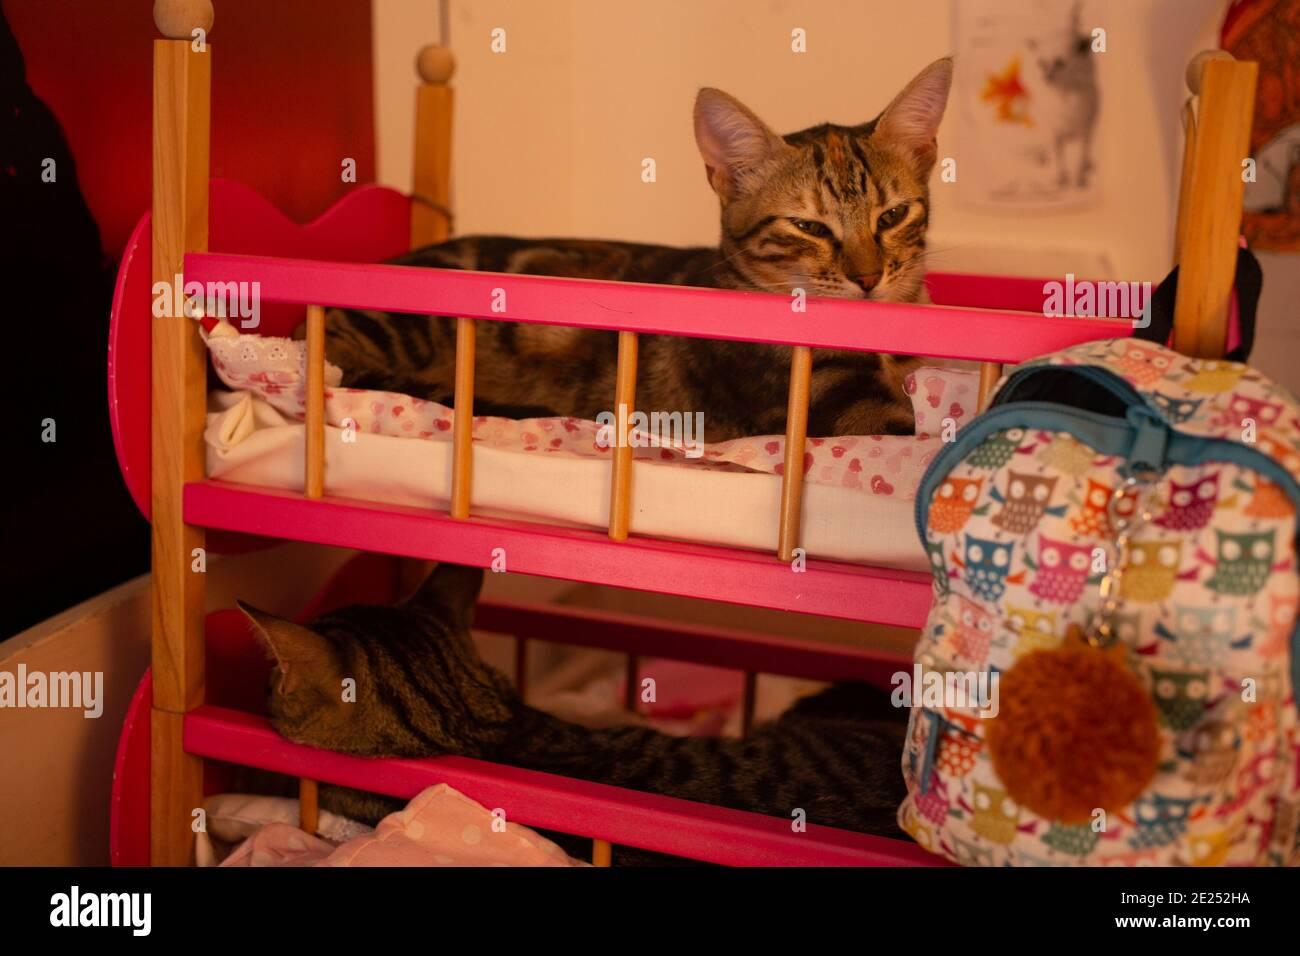 Chats mignon jeunes dans un lit de poupées. Deux jeunes chats frères se sentent à l'aise sur un lit superposé pour enfants. Banque D'Images